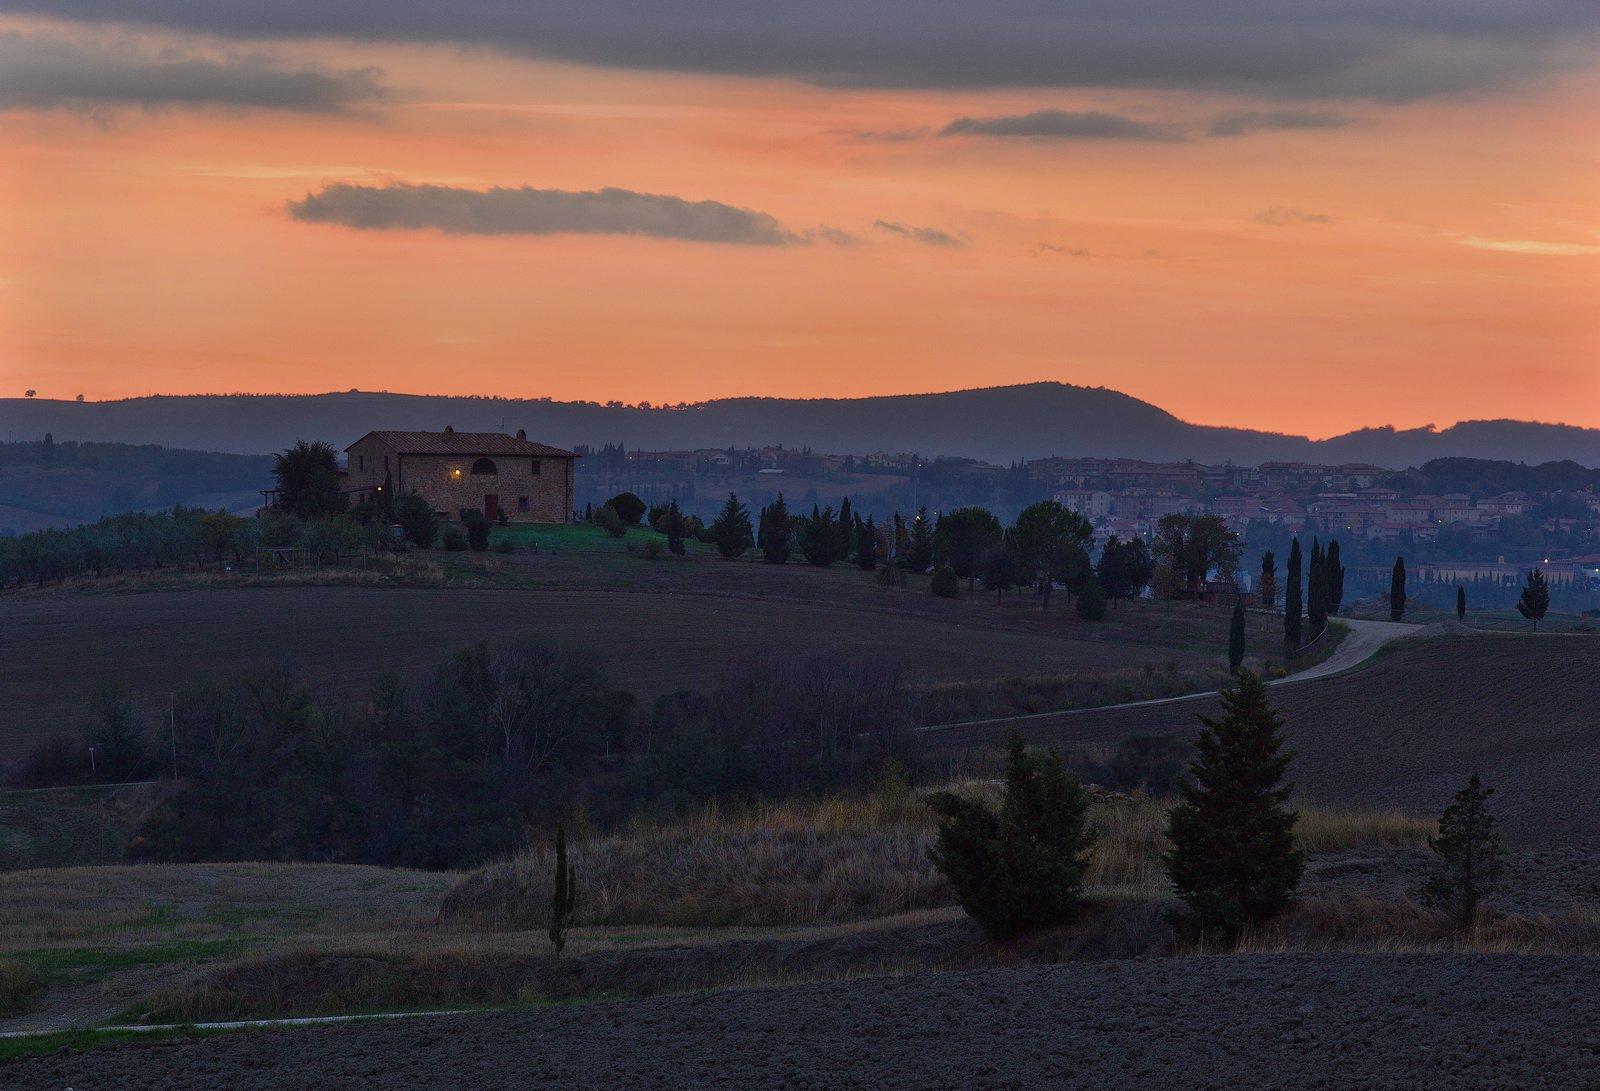 италия, тоскана, закат, Екатерина Богданова